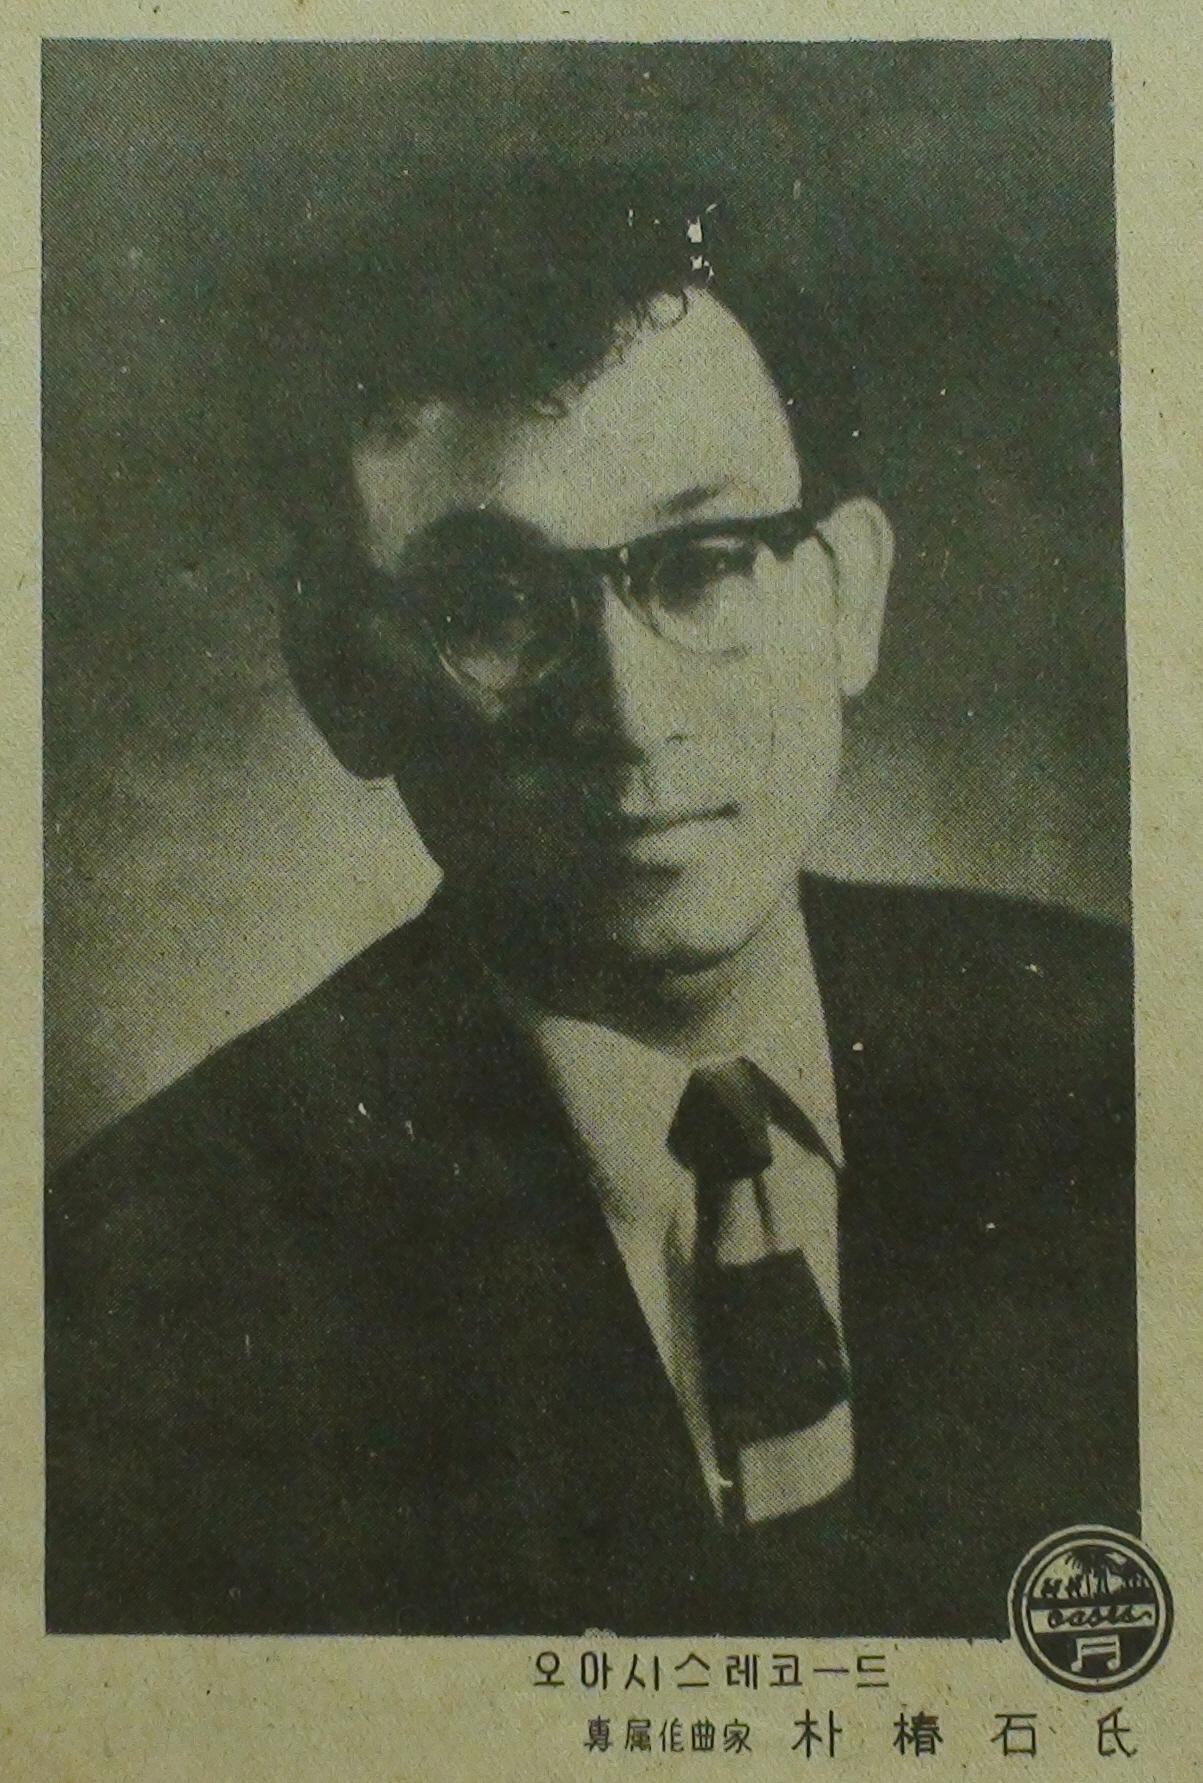 1957년 간행 <박춘석 작곡집>에 실린 박춘석 사진.